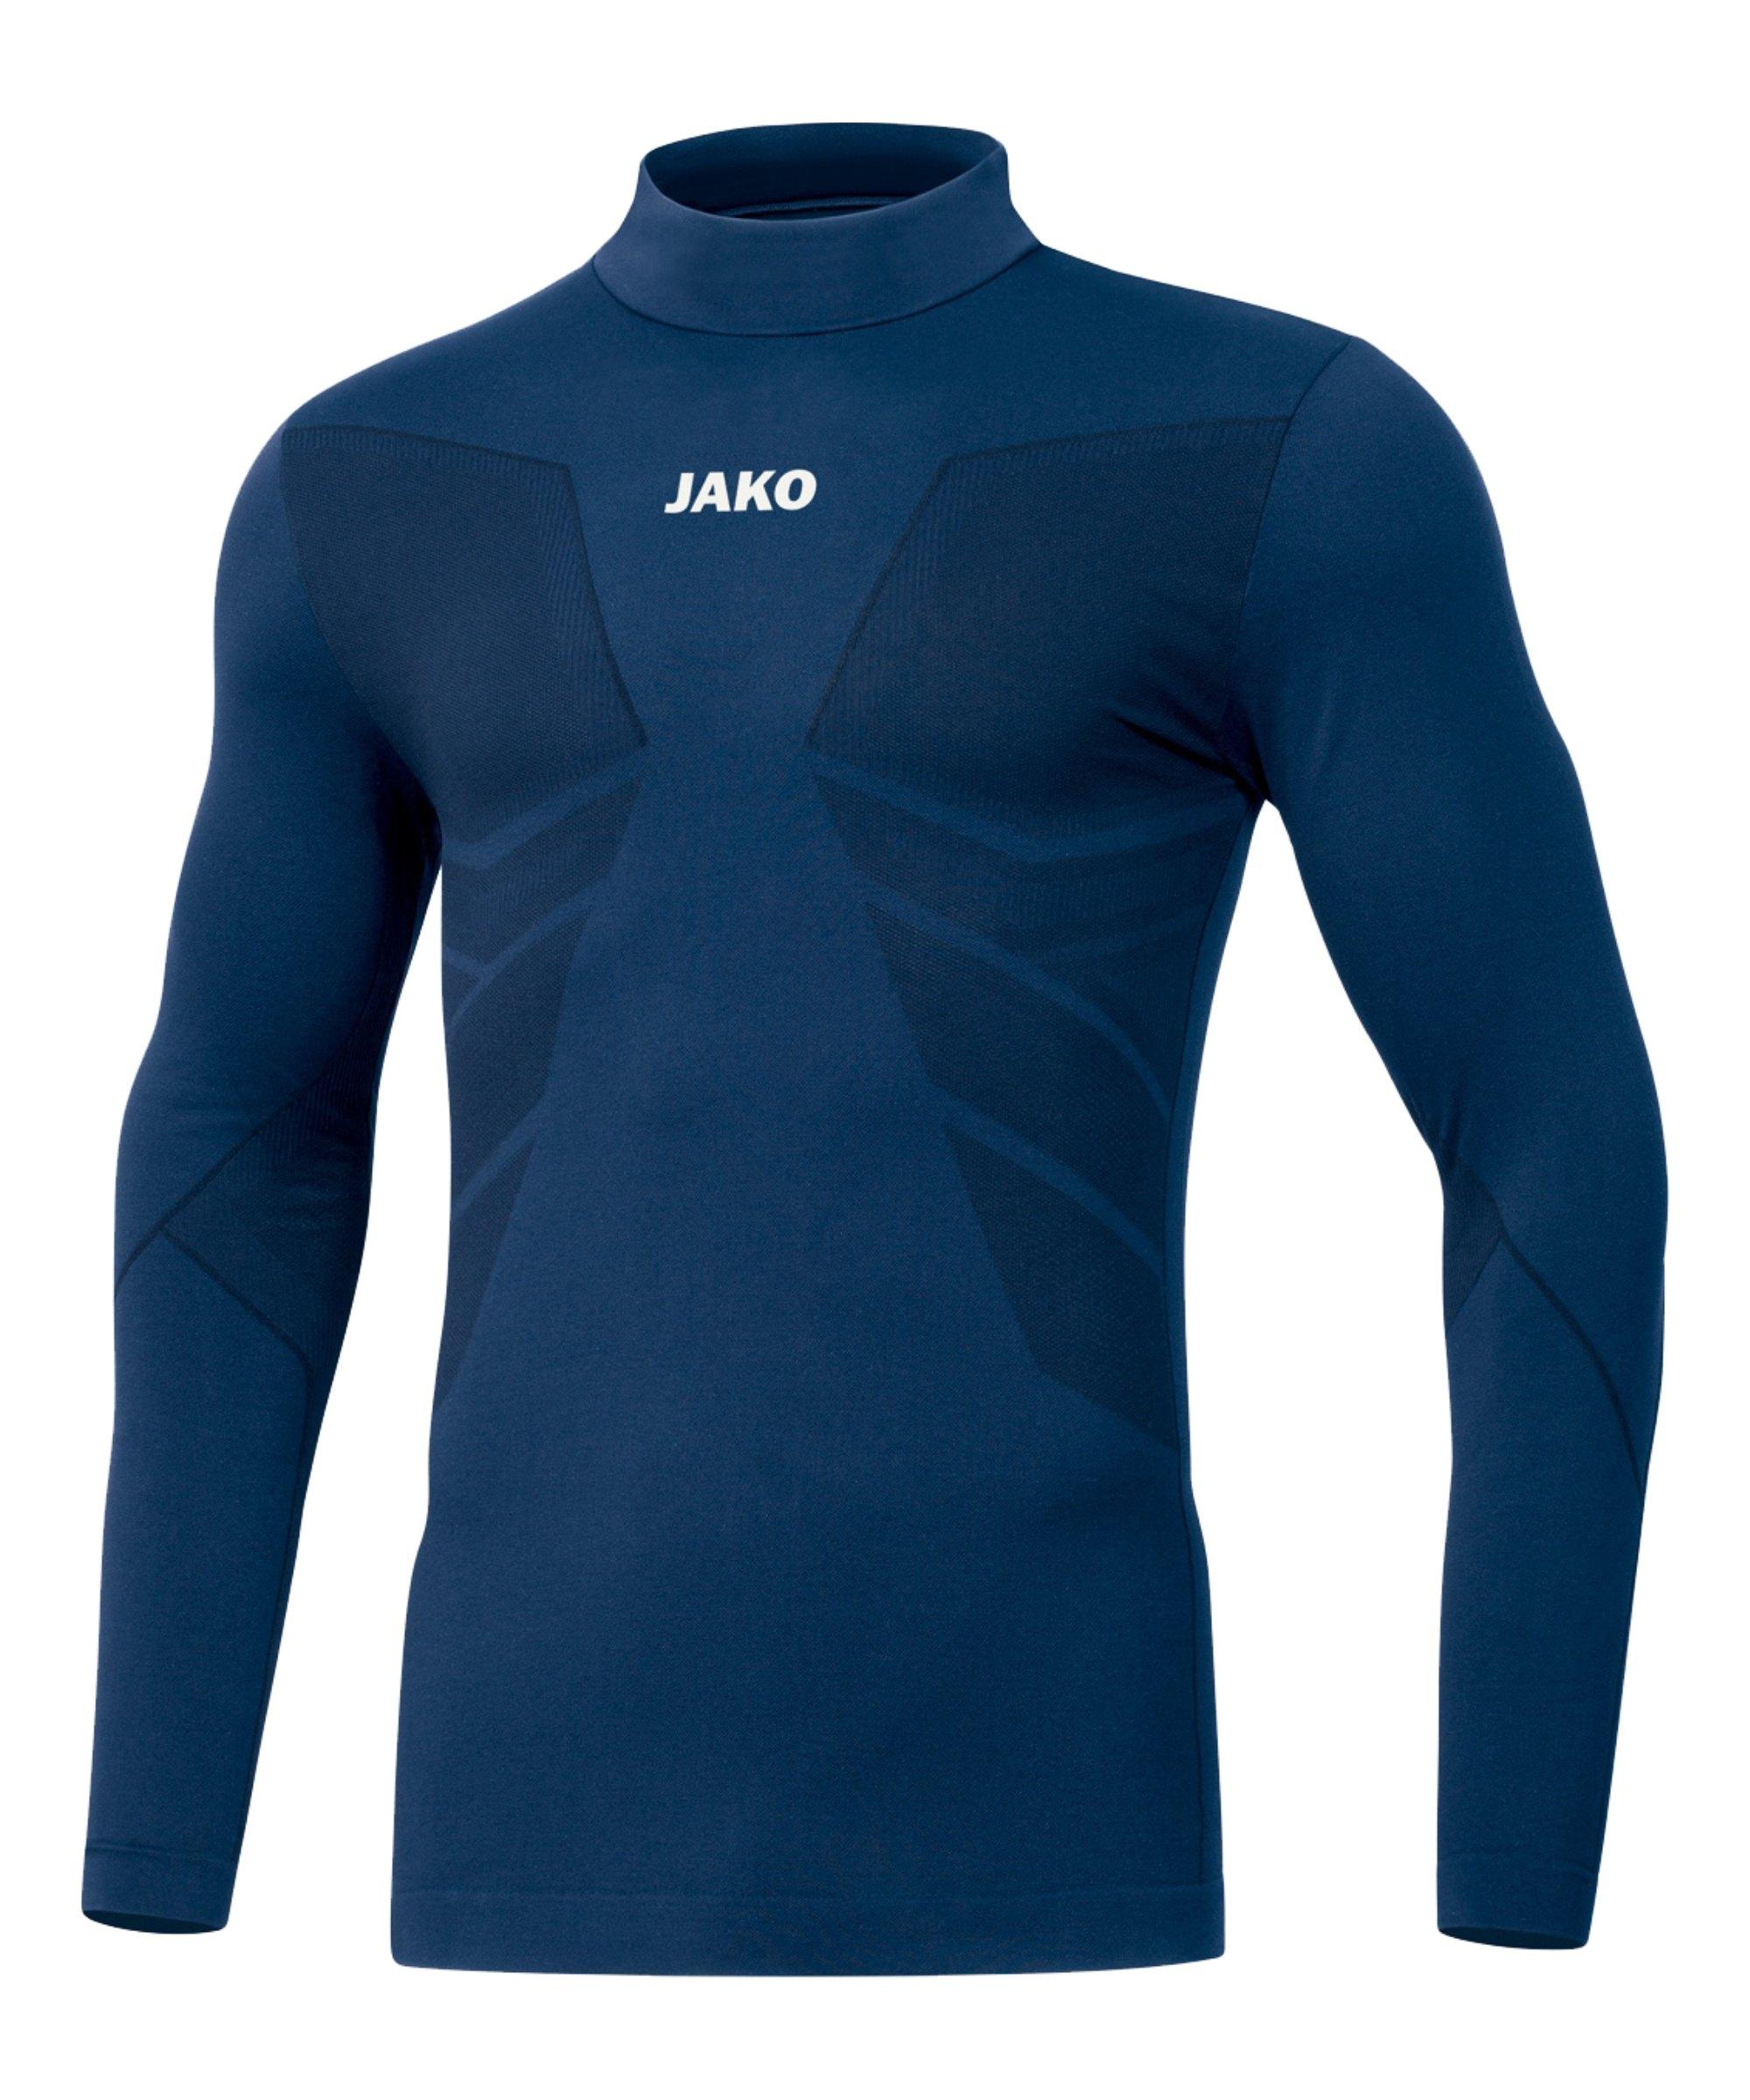 JAKO Comfort 2.0 Turtleneck Kids Blau F09 - blau